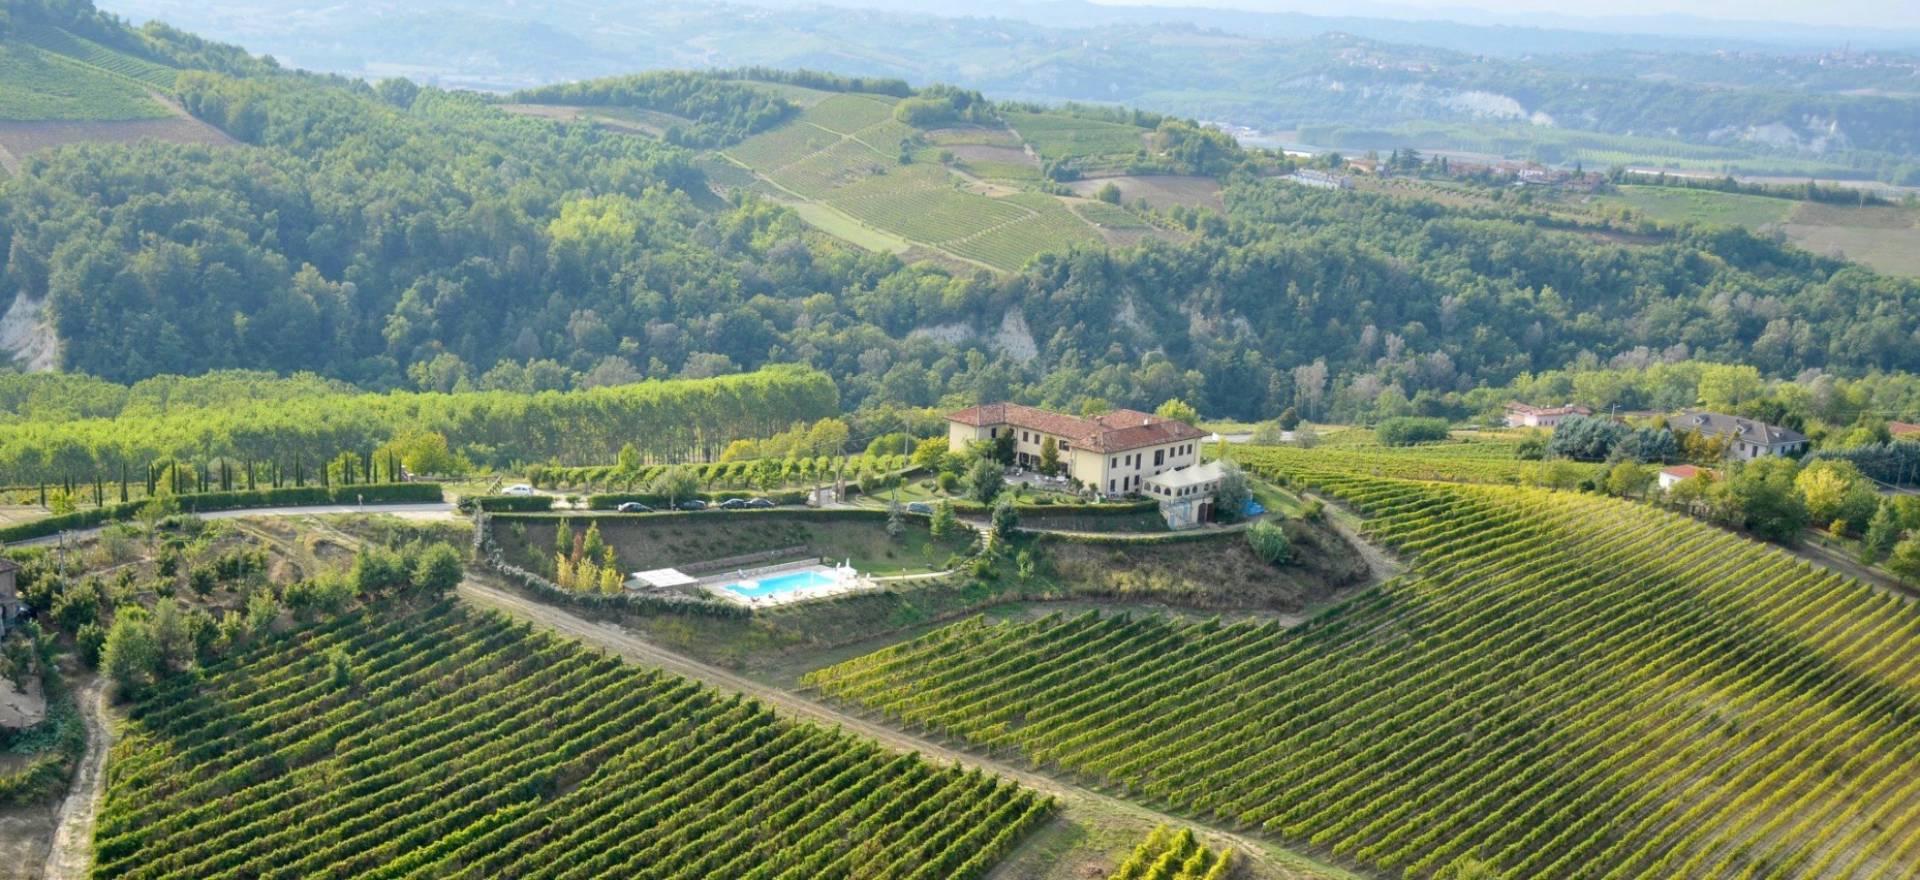 Agriturismo Piemonte Agriturismo en wijnboerderij in Piemonte